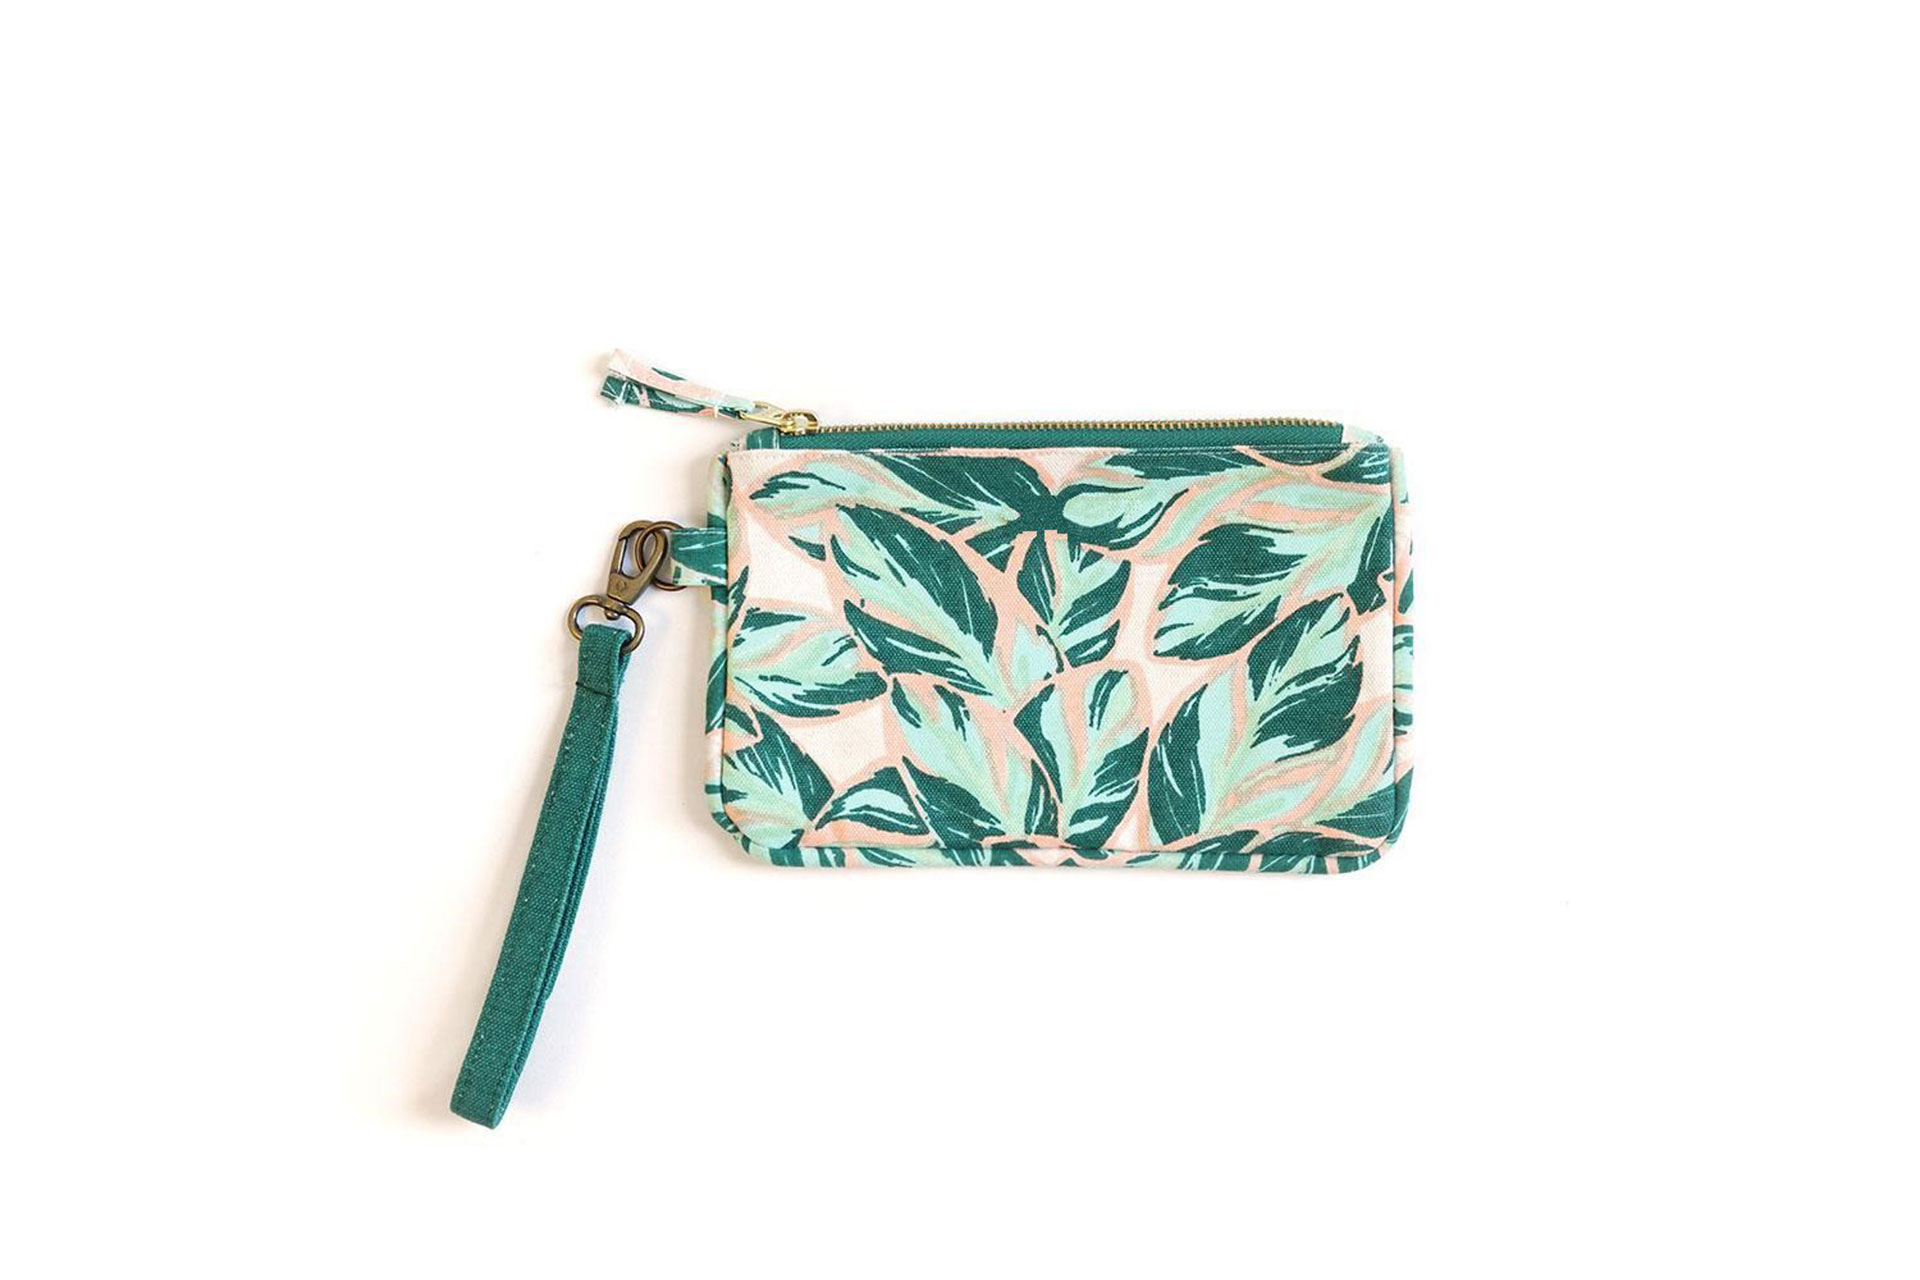 46. Cosmetic Bag